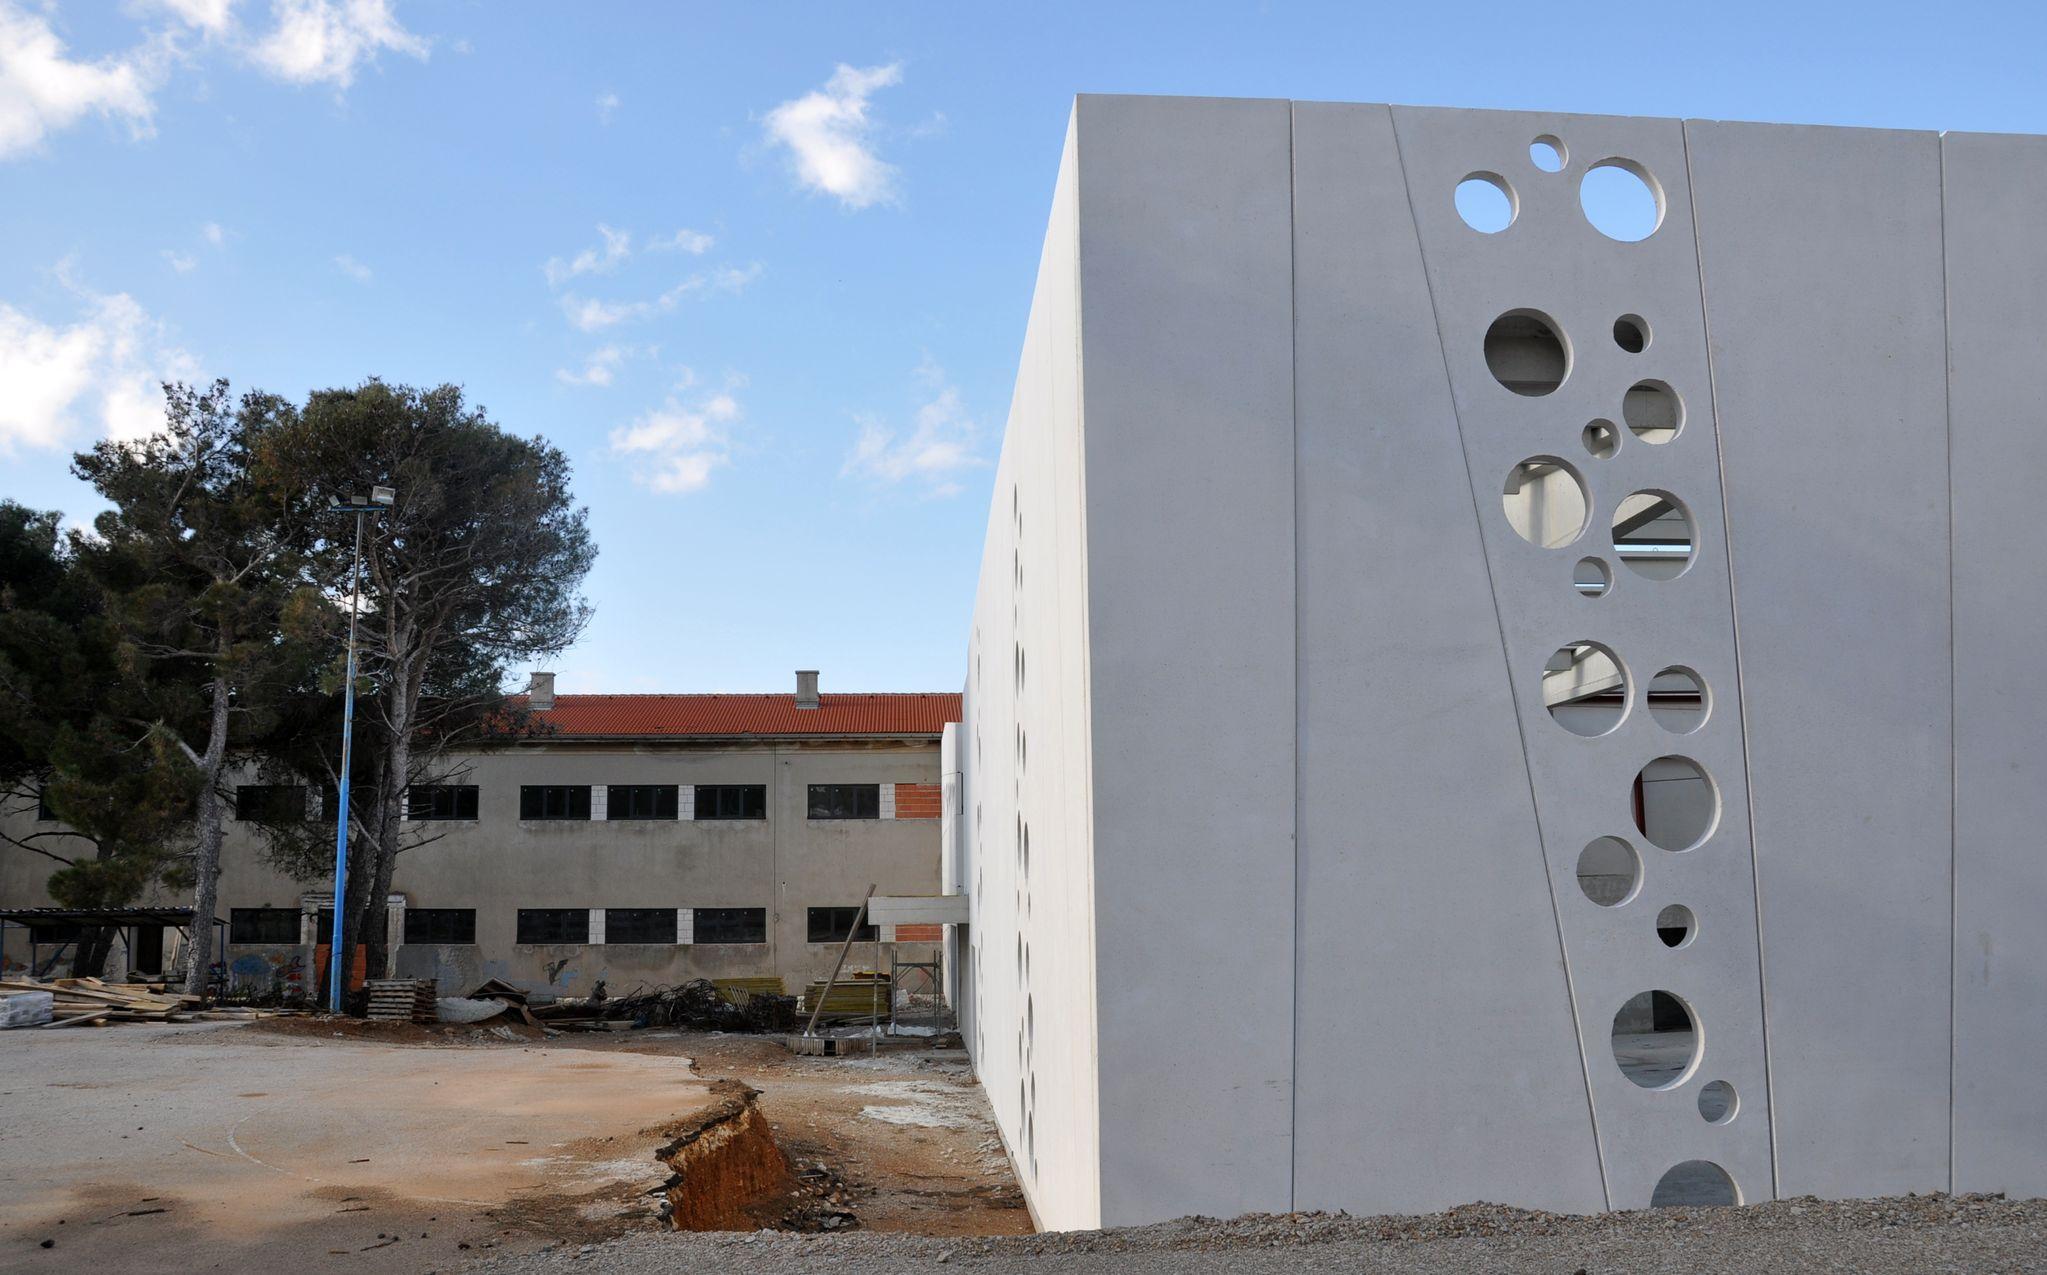 Novouređena školska zgrada i nova dvorana u Puntu bit će spremne za upotrebu ove jeseni / Foto Mladen TRINAJSTIĆ